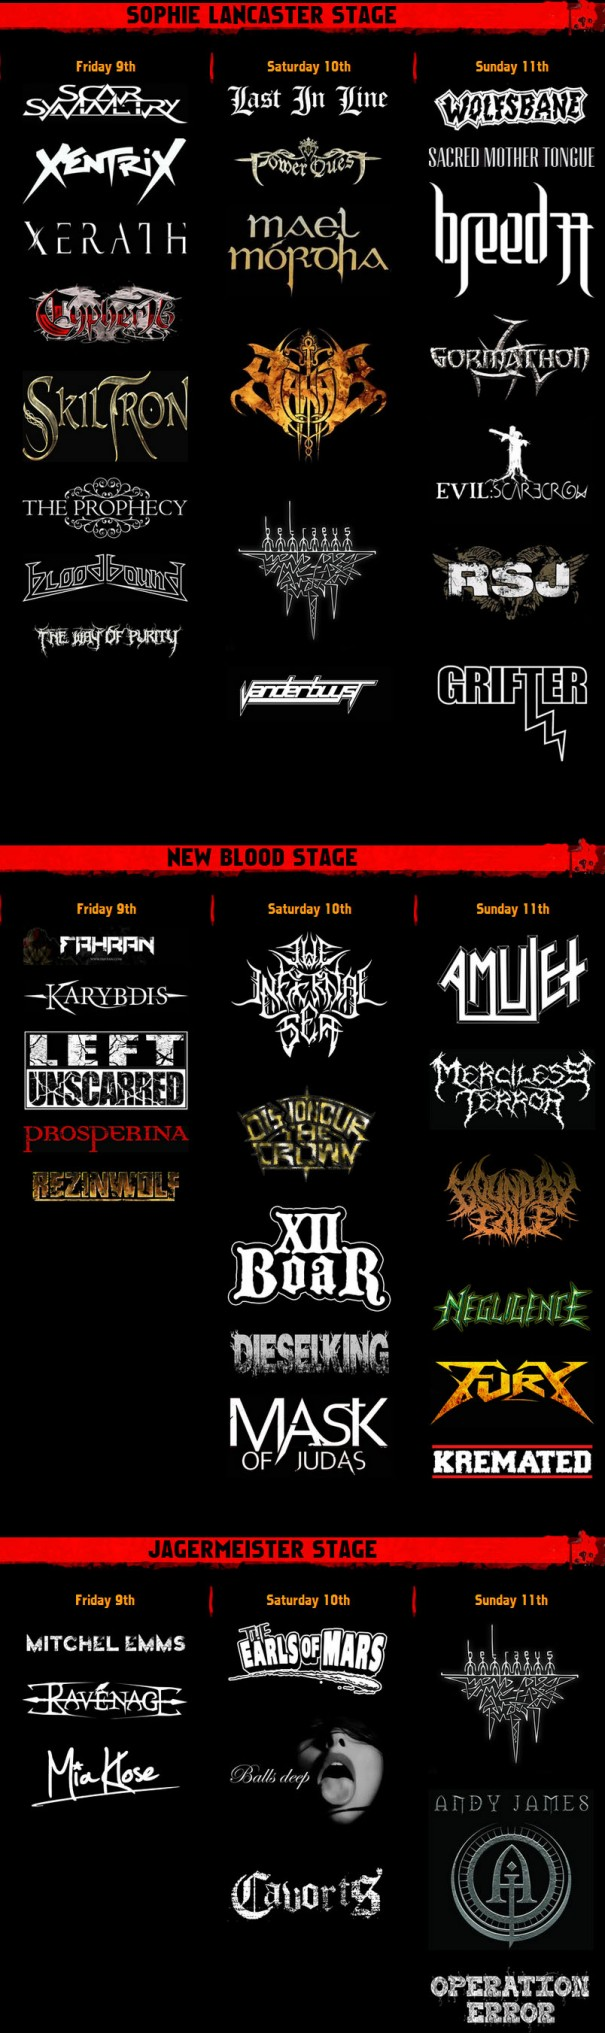 Bloodstock 2013 Lineup 2